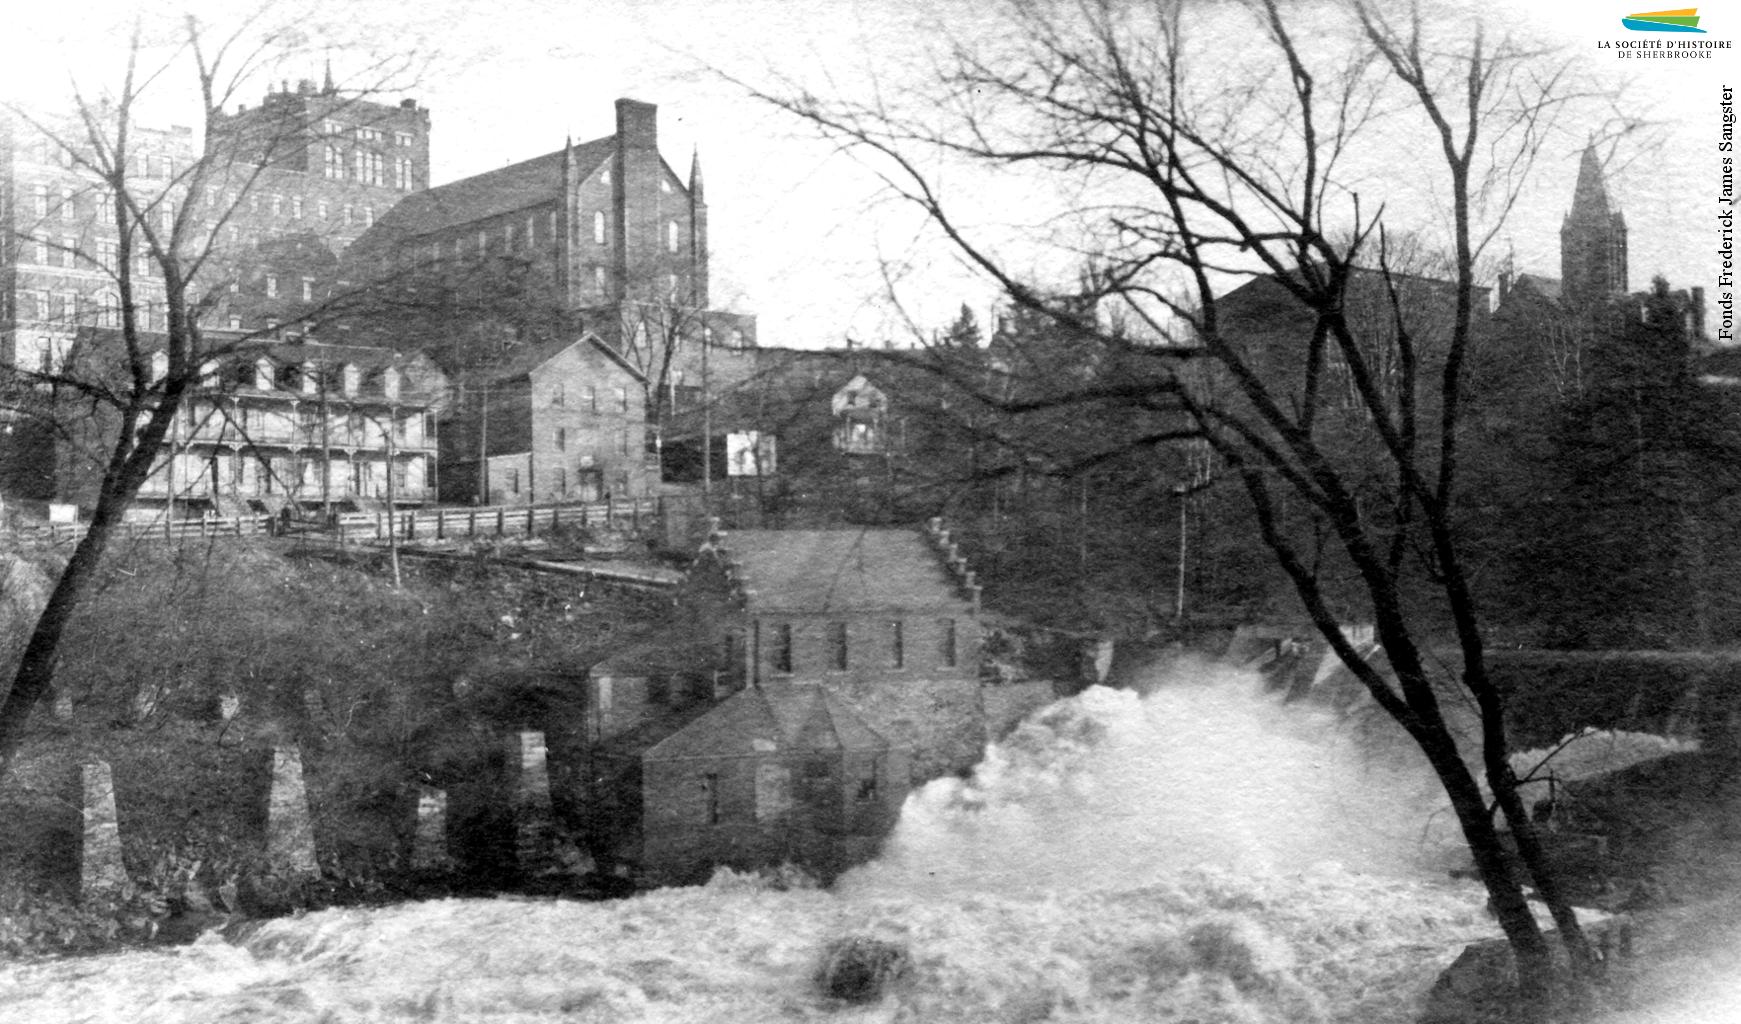 La centrale de la Sherbrooke Street Railway située à proximité du barrage no 4, près de la rue Frontenac, vers 1911. Elle est construite par la Sherbrooke Street Railway Co. en 1897 pour alimenter ses tramways en électricité, et démolie dans les années 1910 après la construction de la centrale Abénaquis.